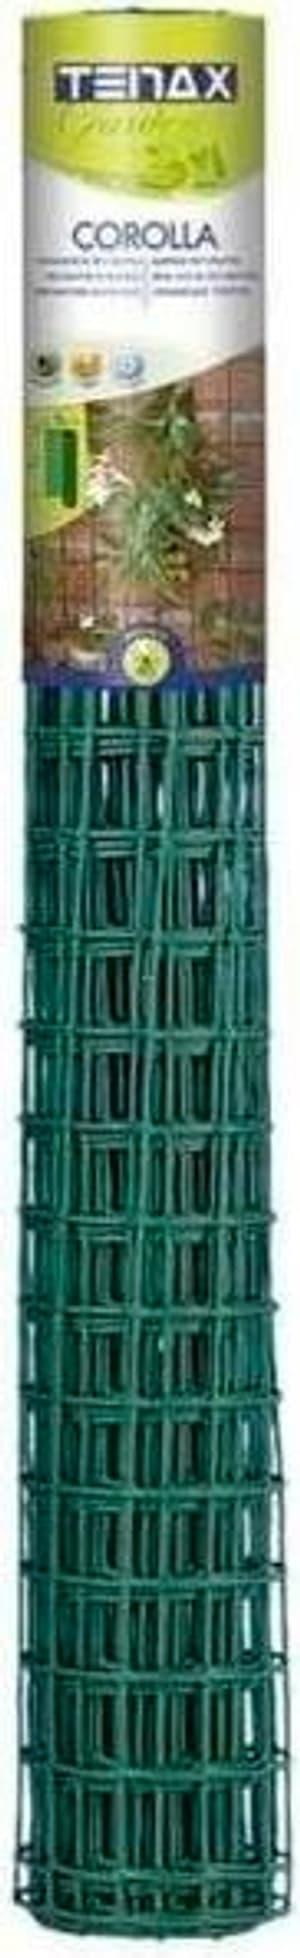 Netz für Kletterpflanzen COROLLA